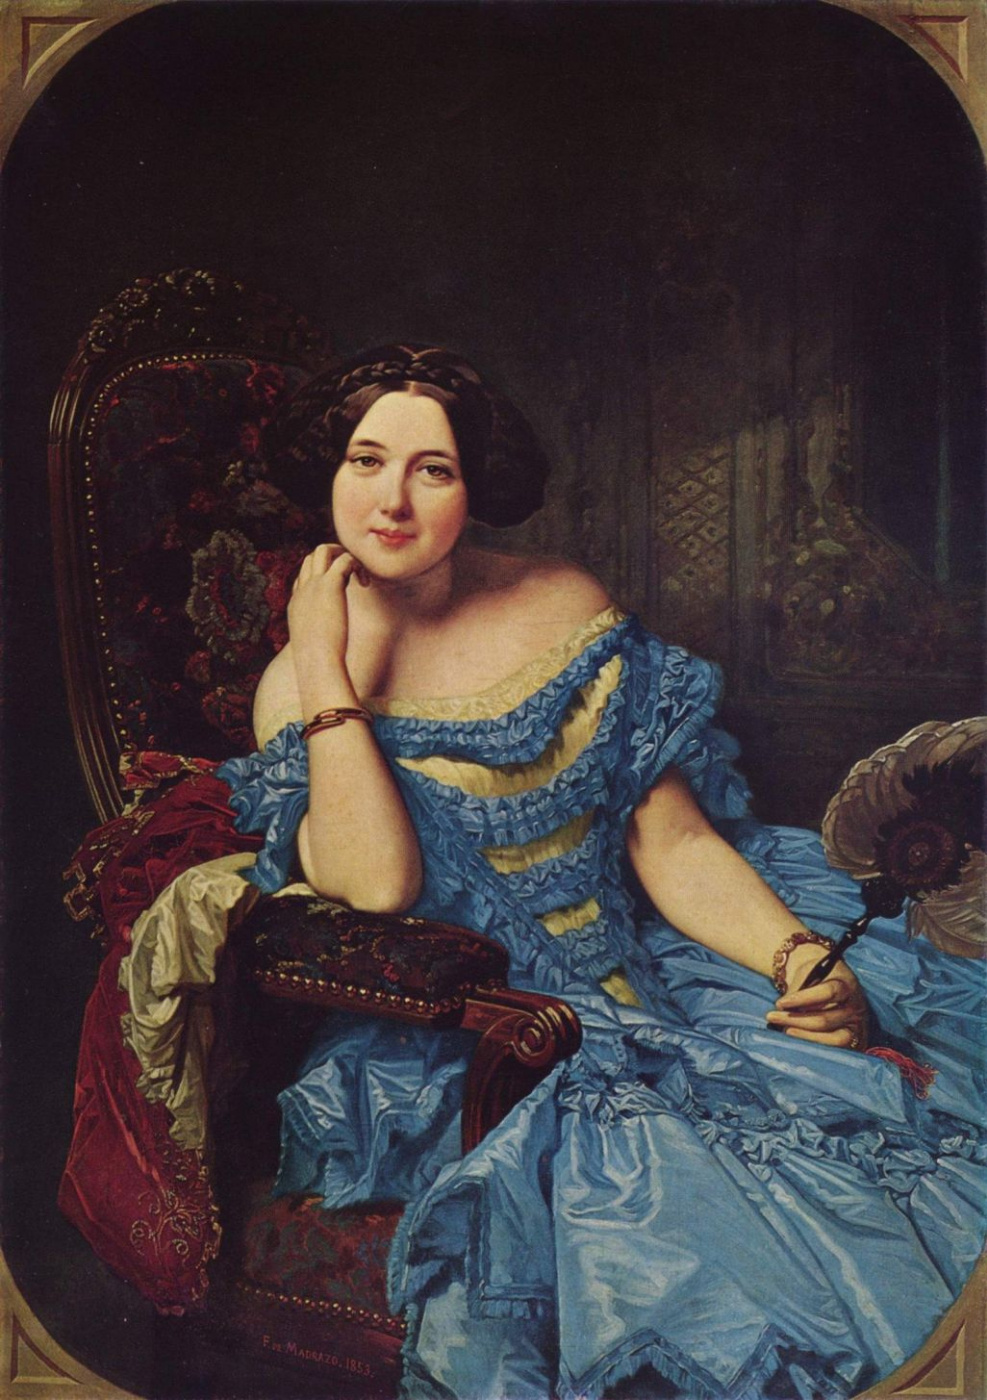 Federico de Madraso y Coones. Doña Amalia de Lano and Dotres, the Princess de Vilches